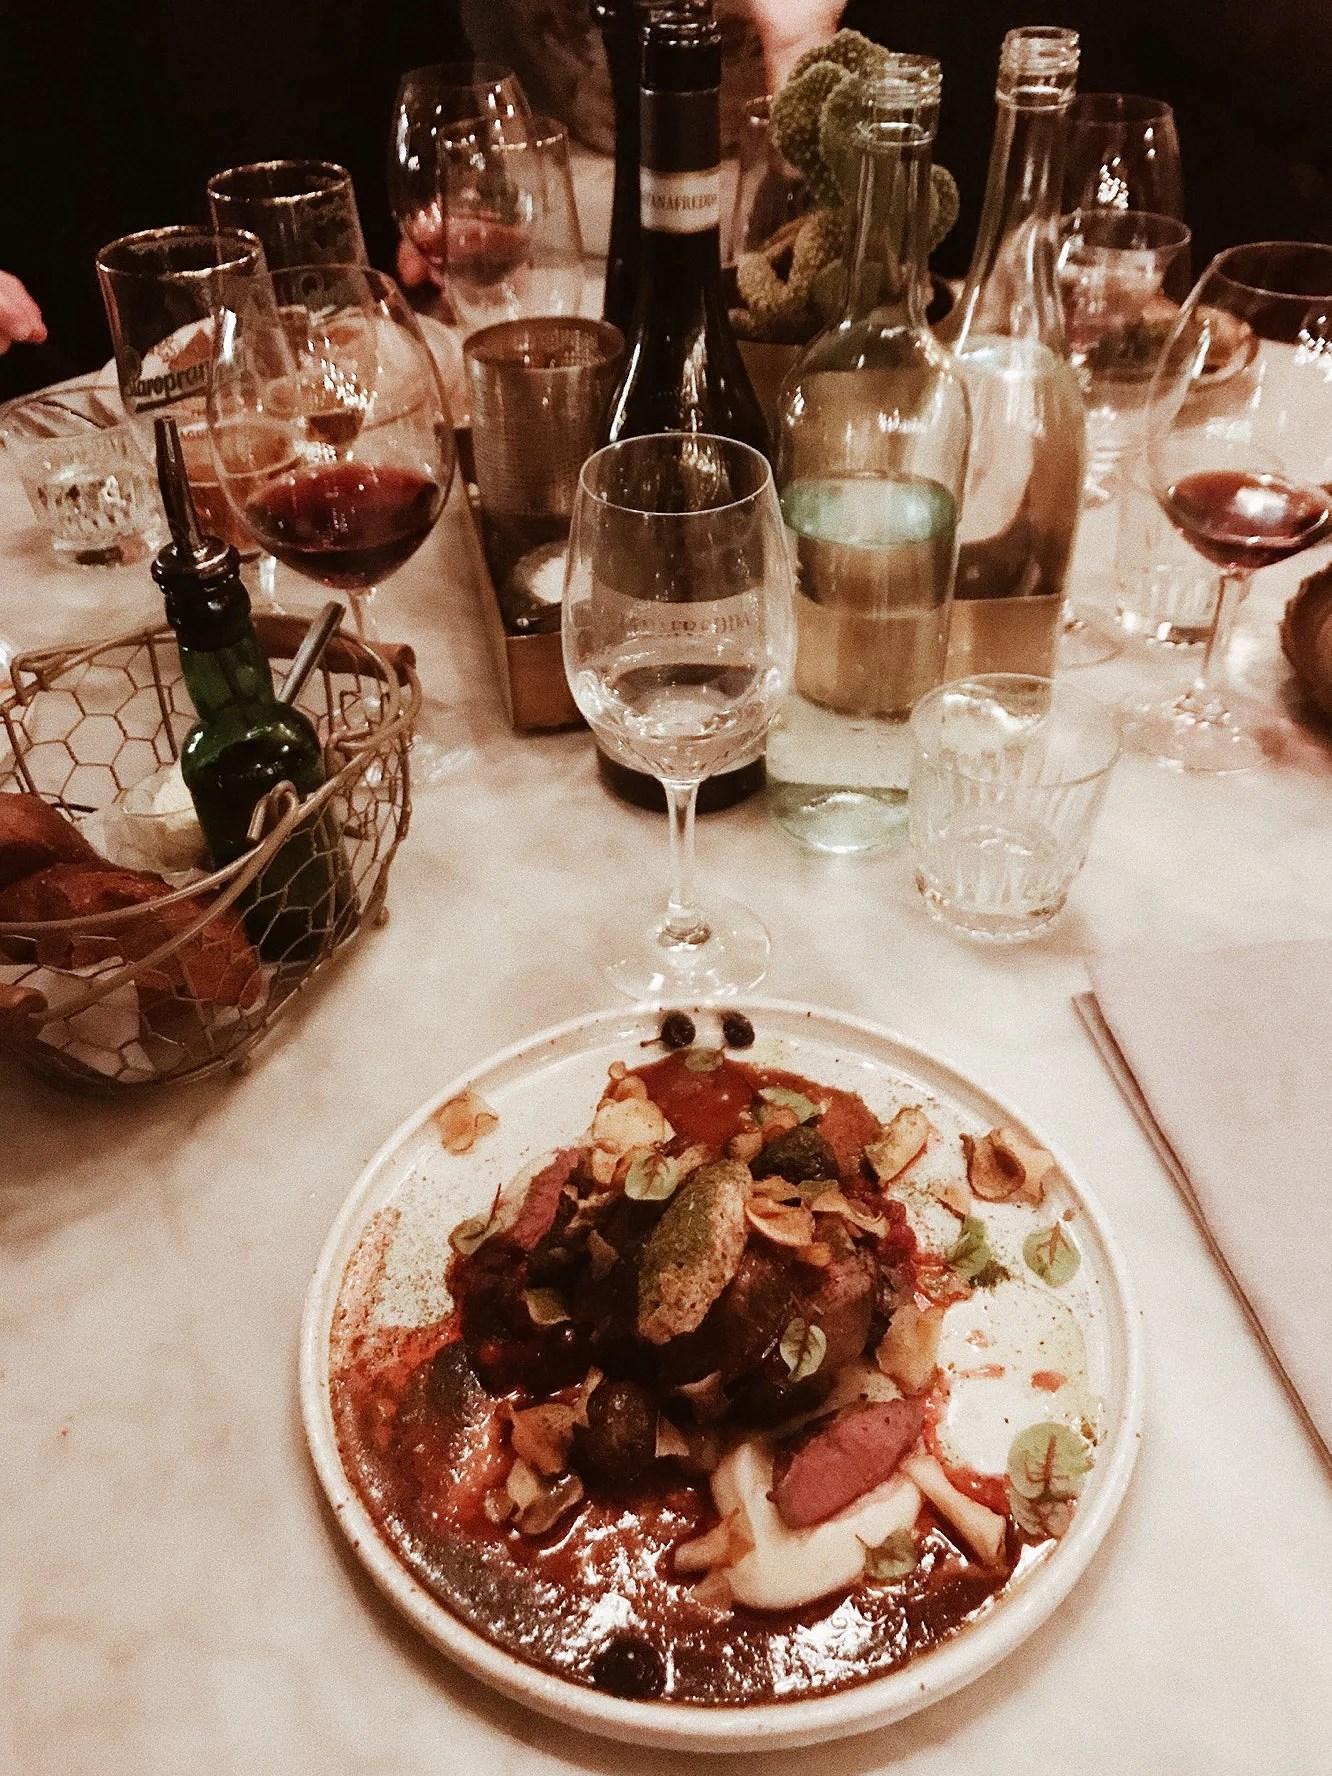 DINNER AT VINCI